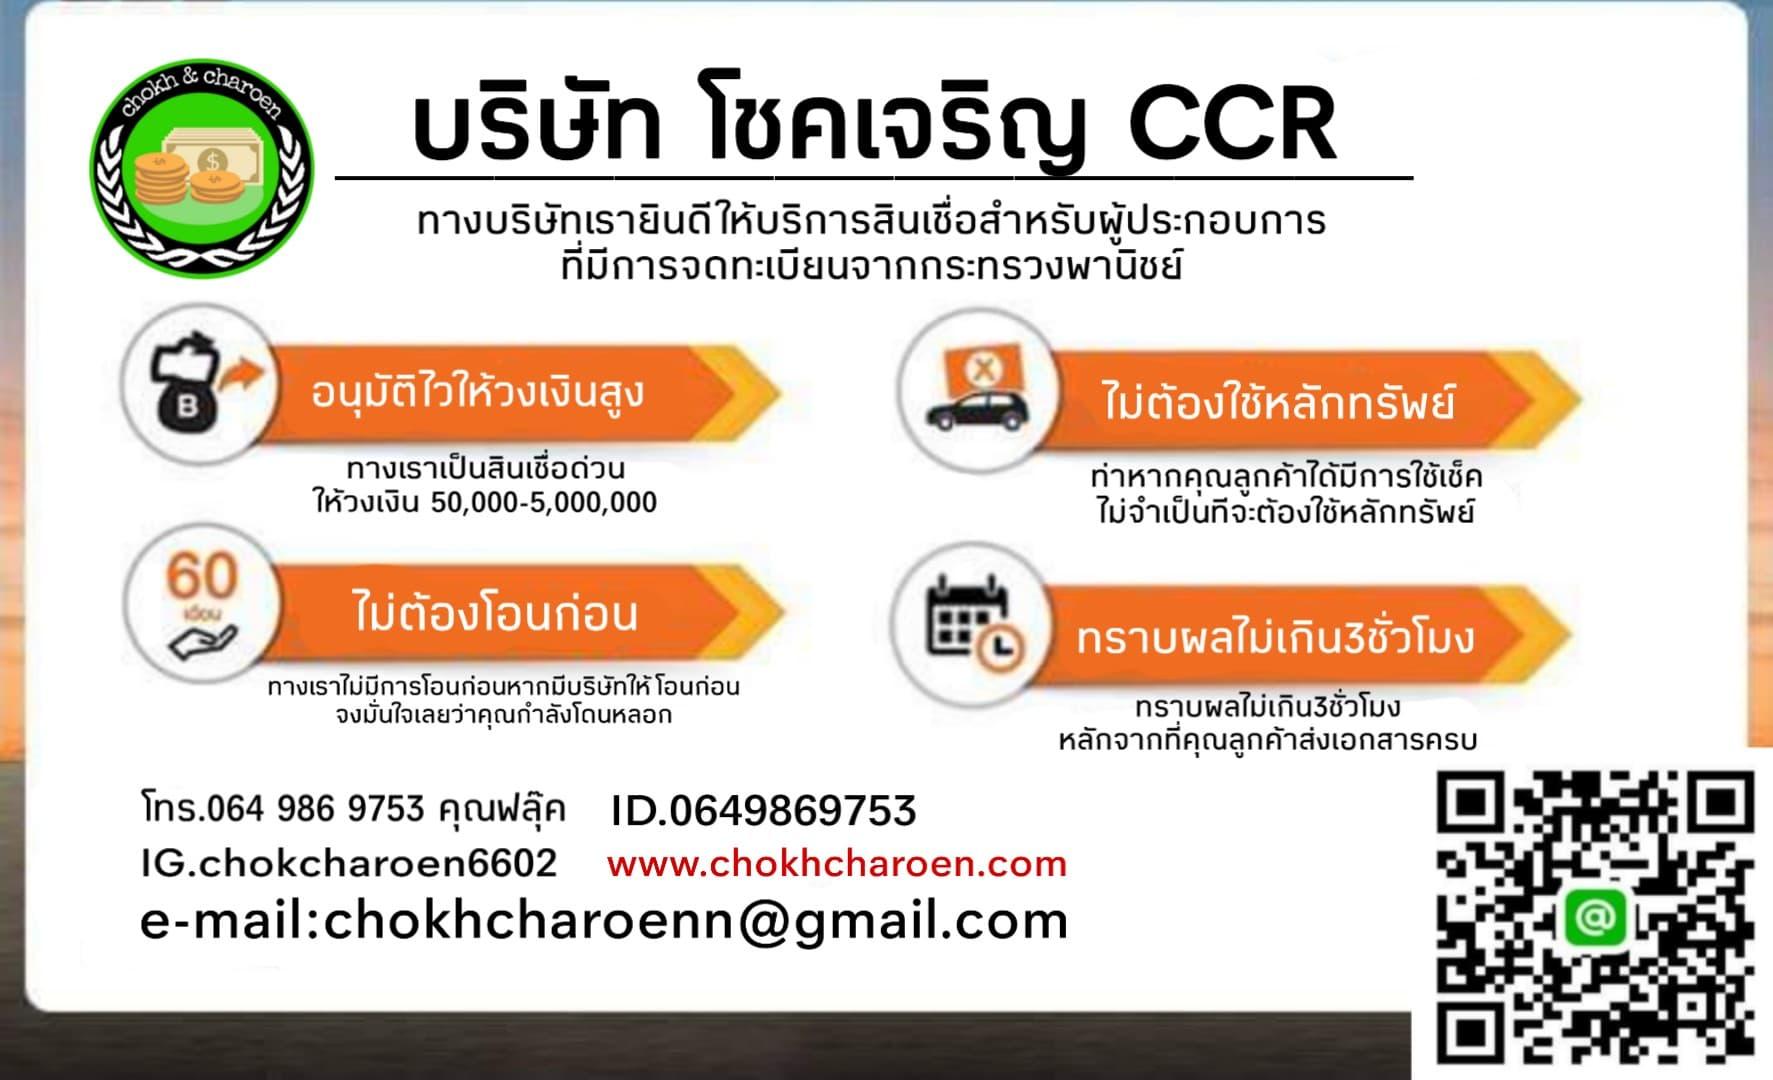 เงินกู้ เงินด่วน สินเชื่อ บริษัทโชคเจริญ ติดต่อ 0649869753